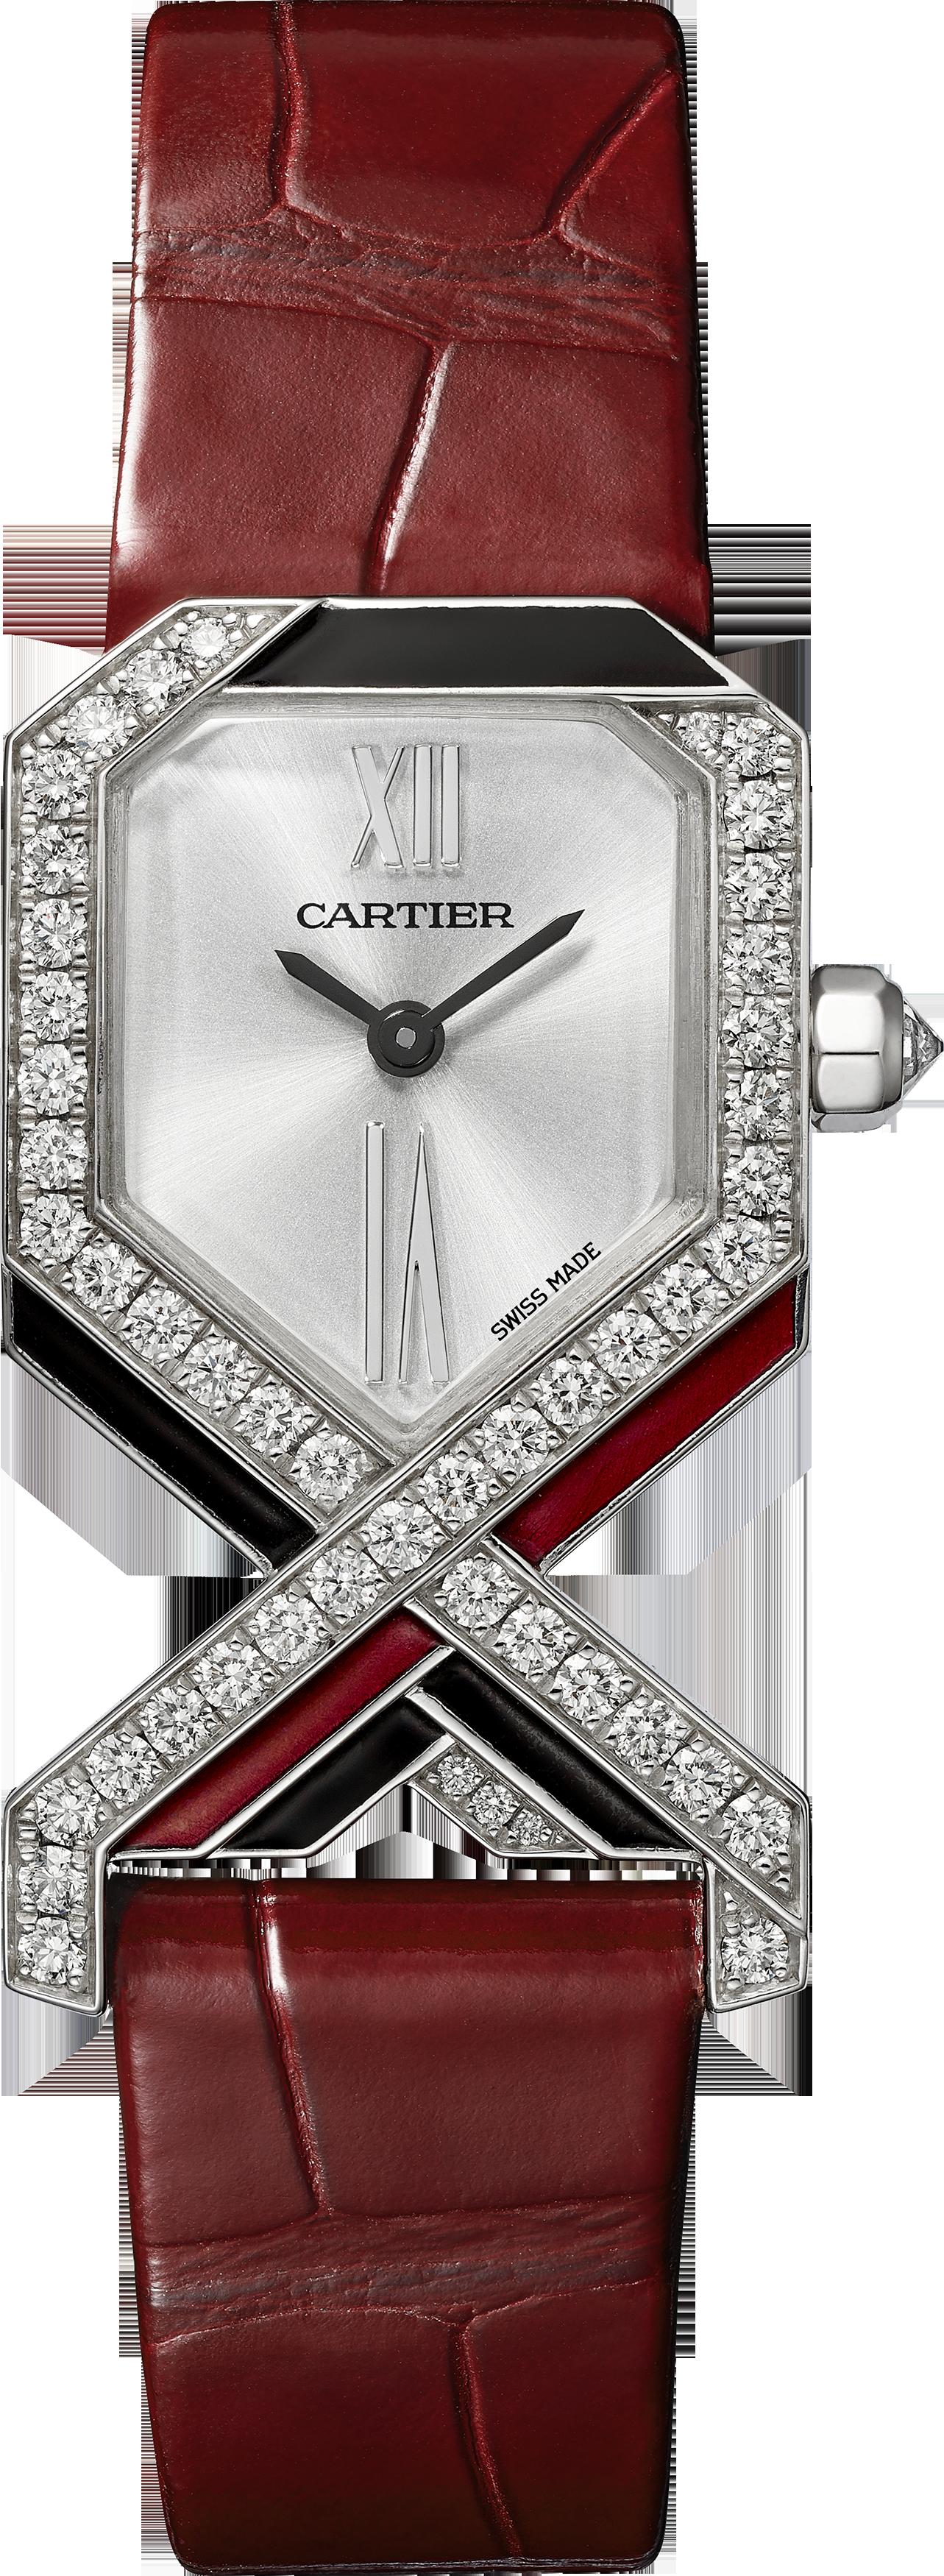 Pre-SIHH 2019: Cartier Libre Diagonale watch